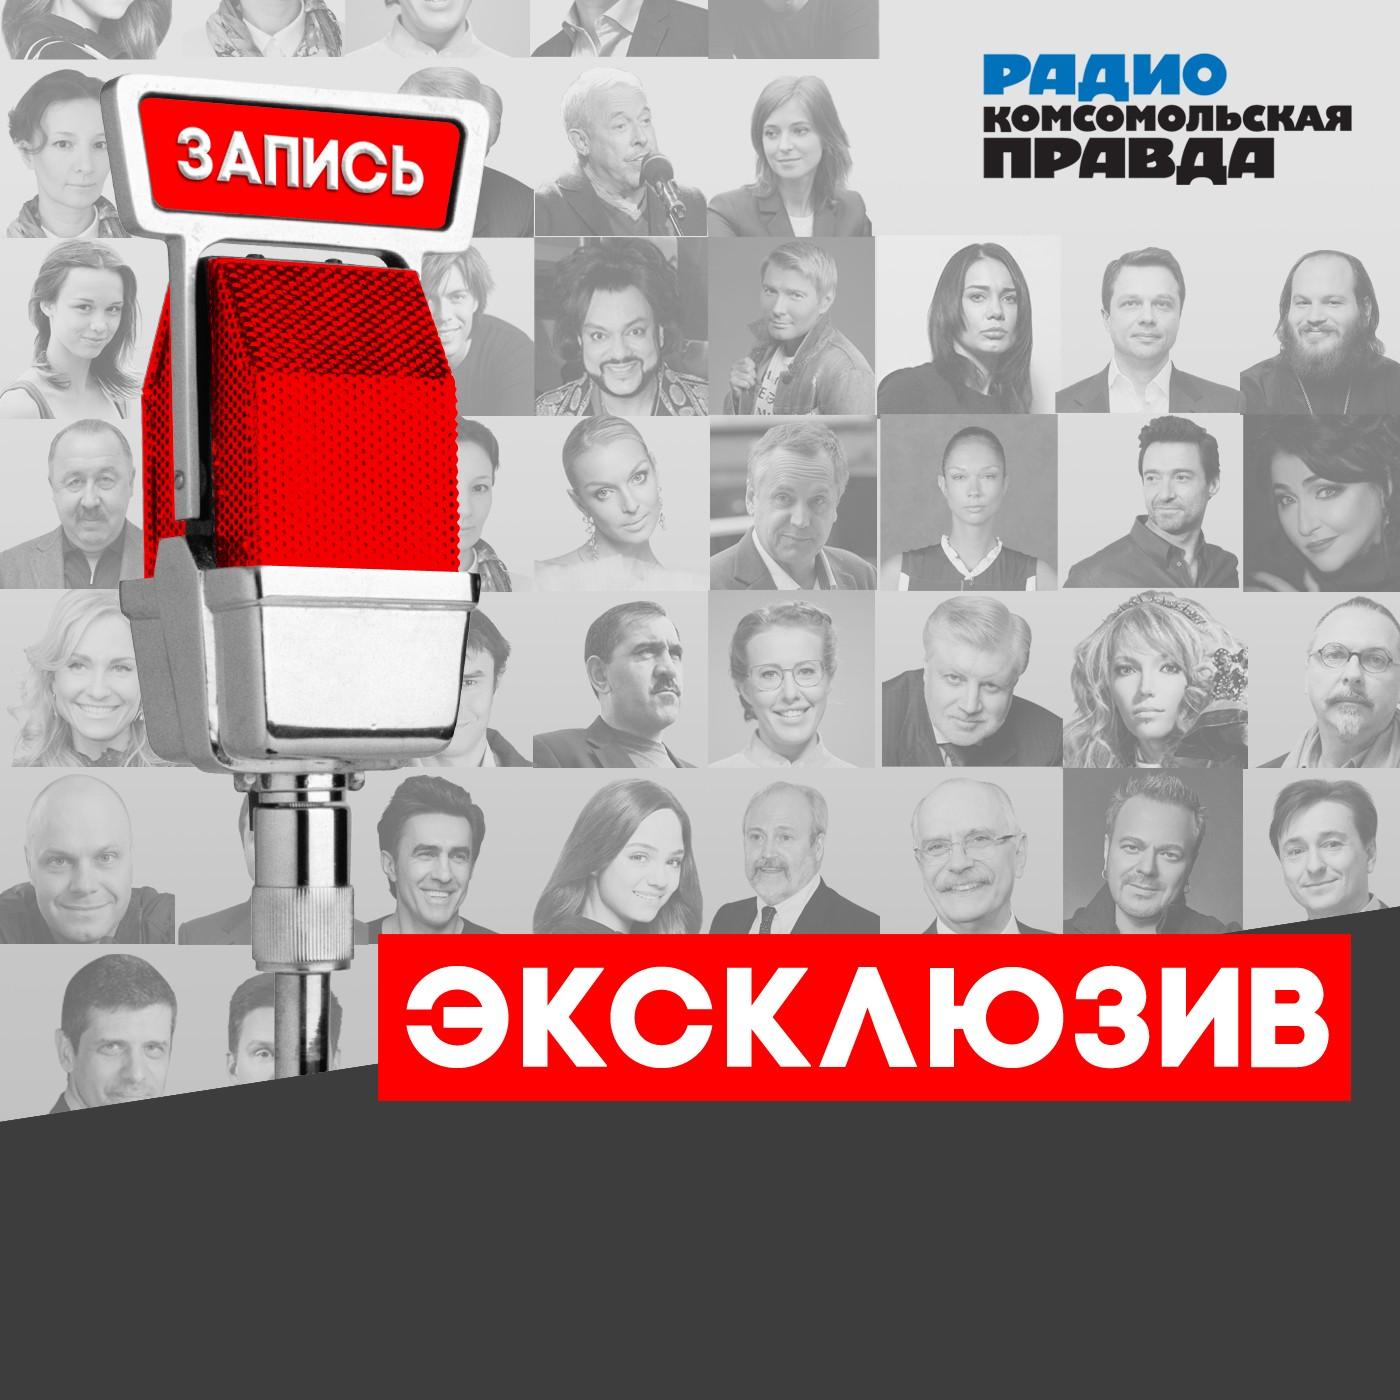 Радио «Комсомольская правда» Наталья Поклонская: Решение о разводе я приняла сама